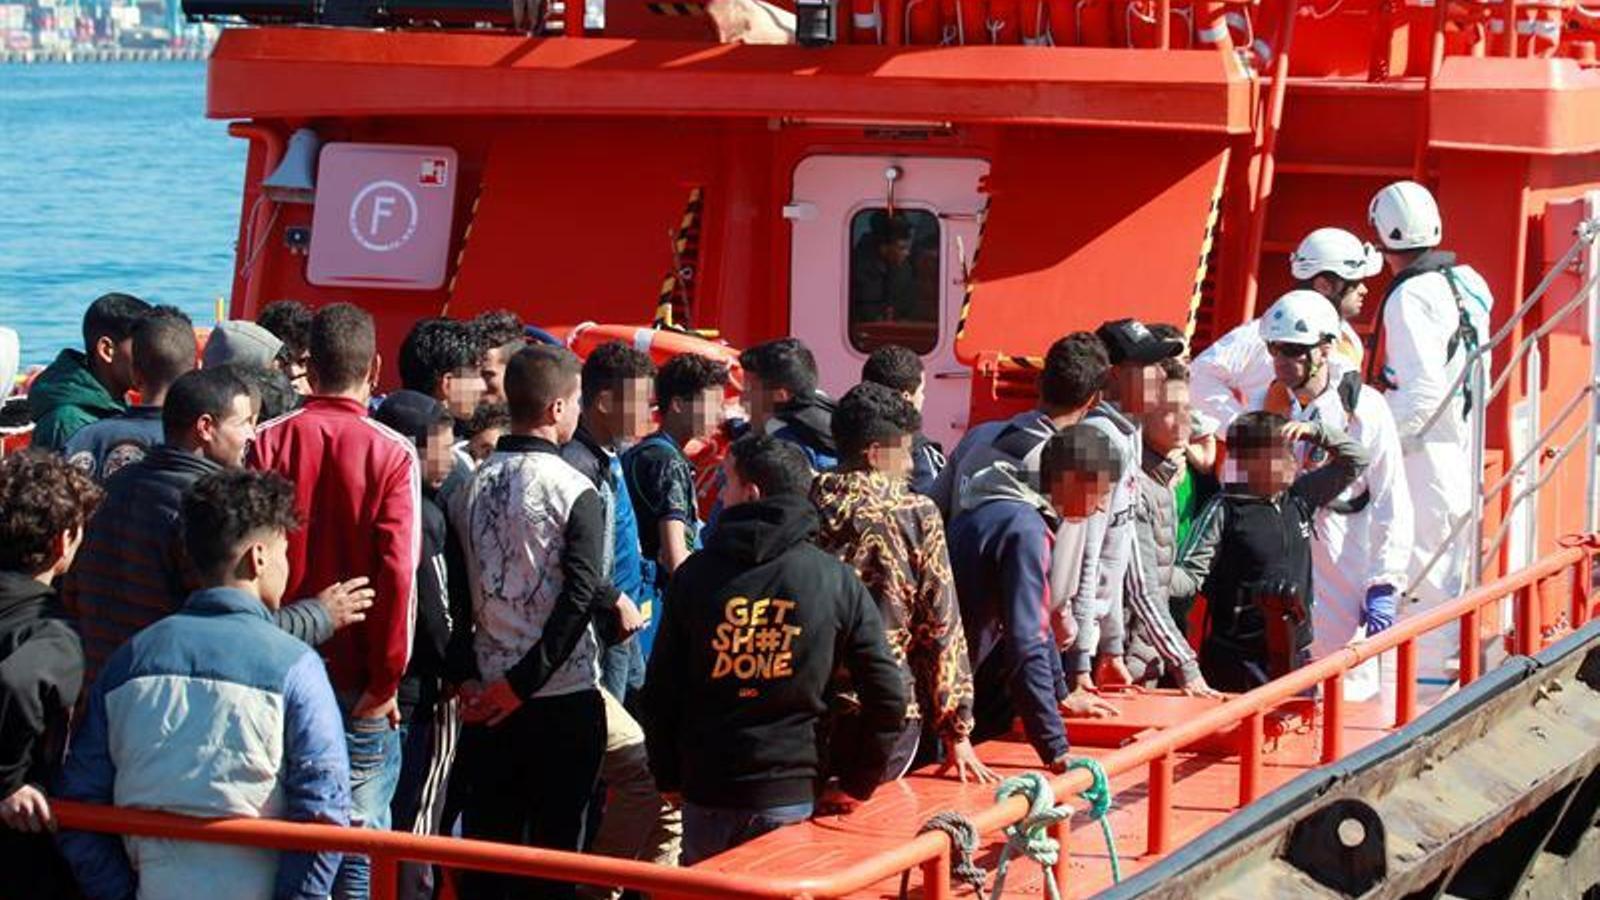 Un grup de nois d'origen magribí desembarquen al port d'Algesires després de ser rescats, el passat 20 de maig